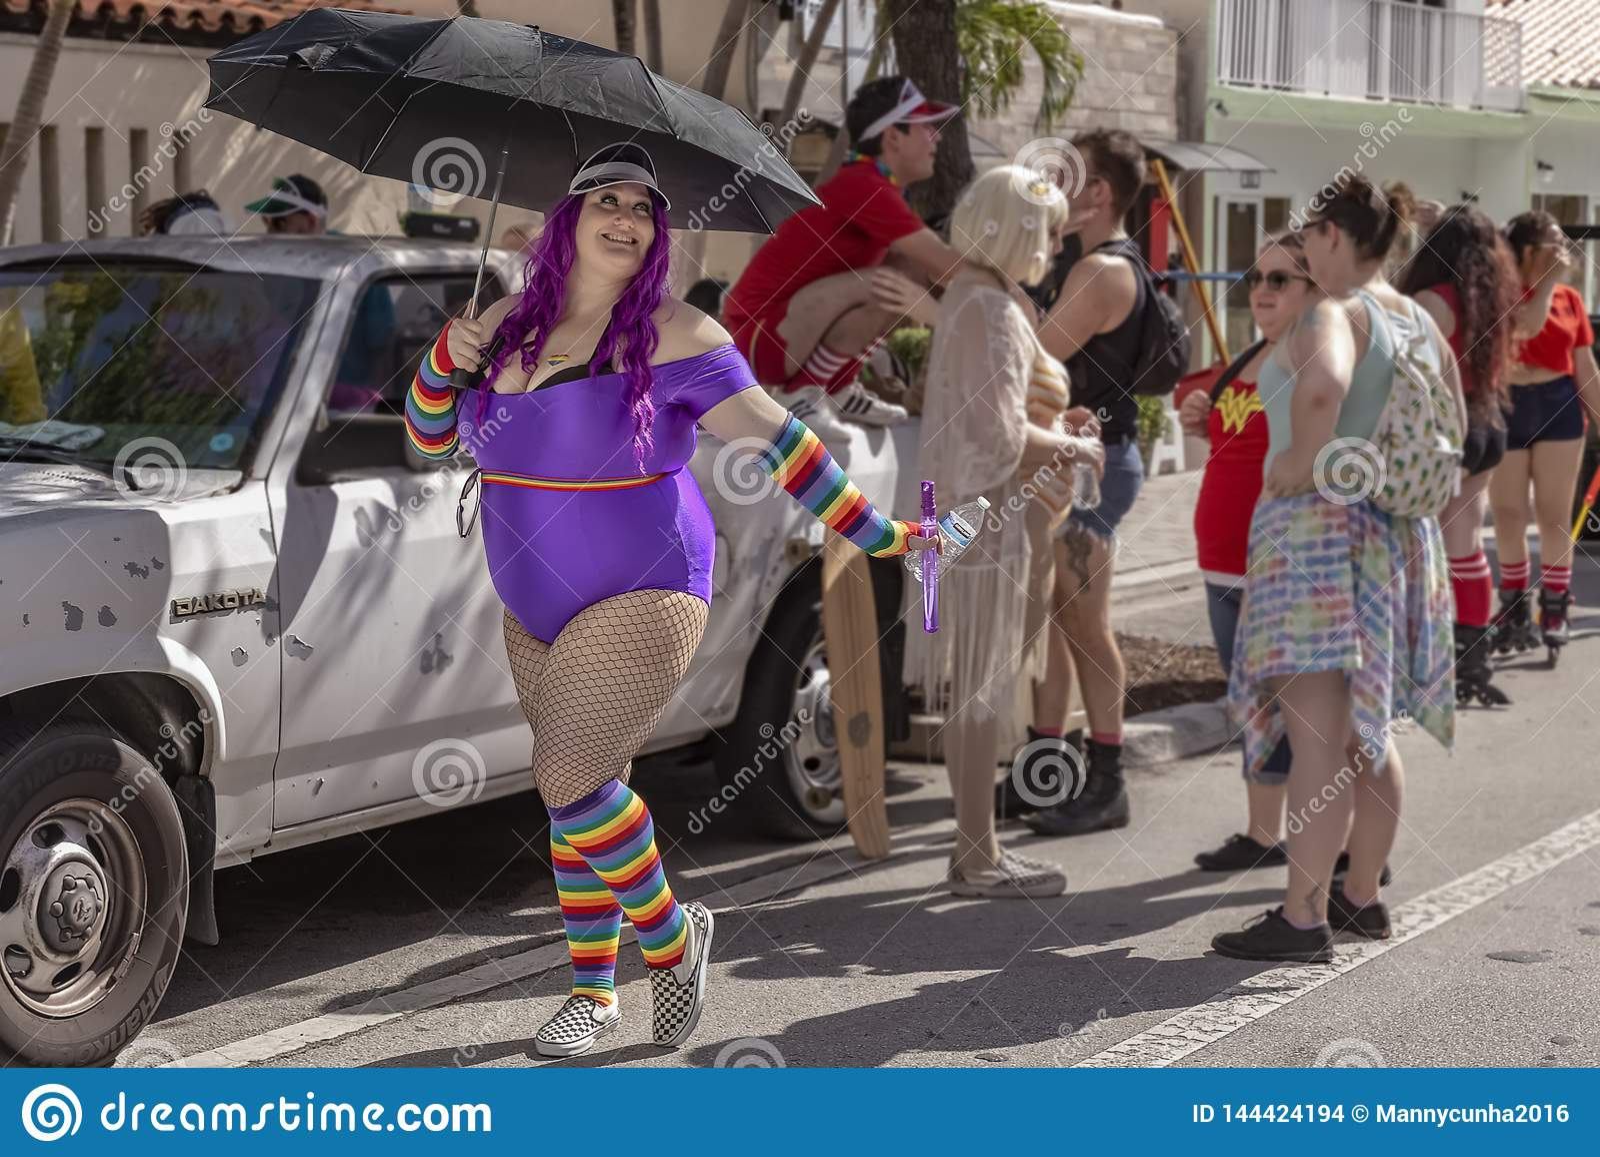 Valor del lago, la Florida, los E.E.U.U. 31 de marzo de 2019 antes, Palm Beach Pride Parade